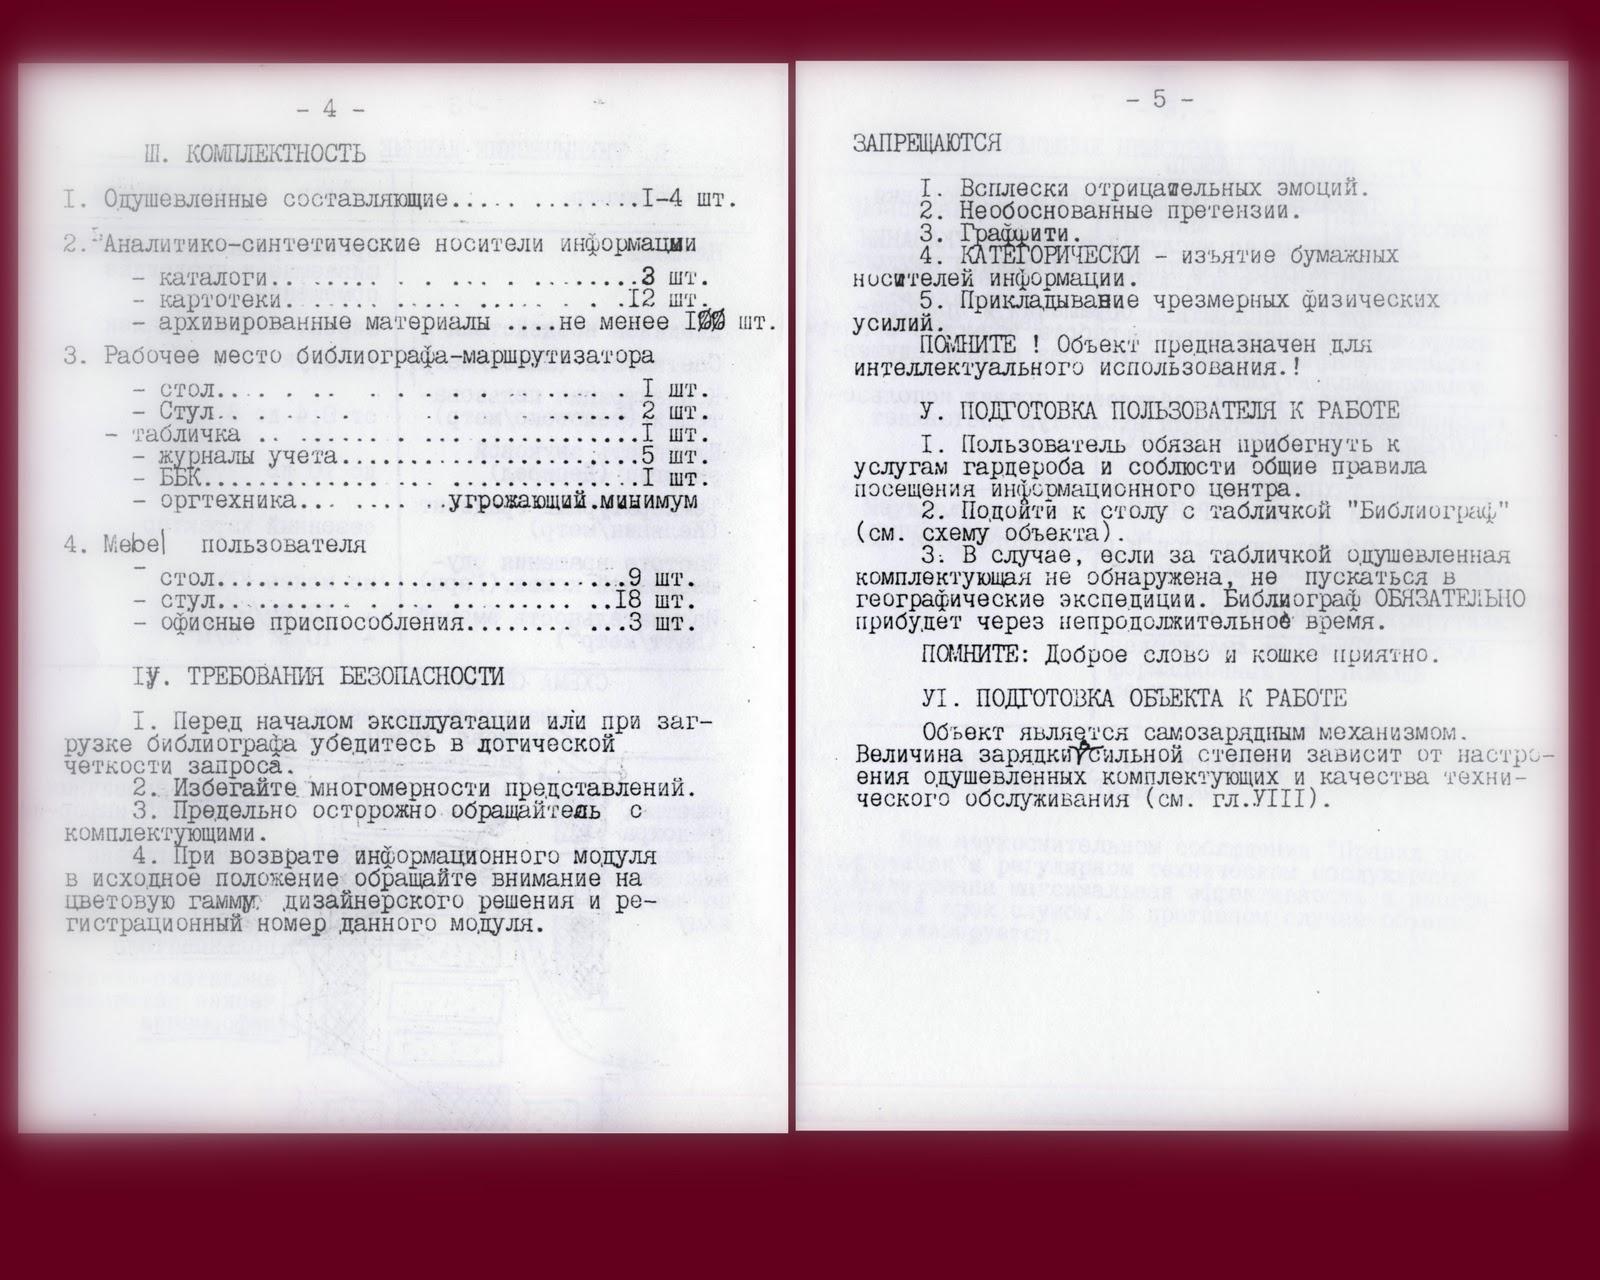 должностную инструкцию методист по составлению кинопрограмм